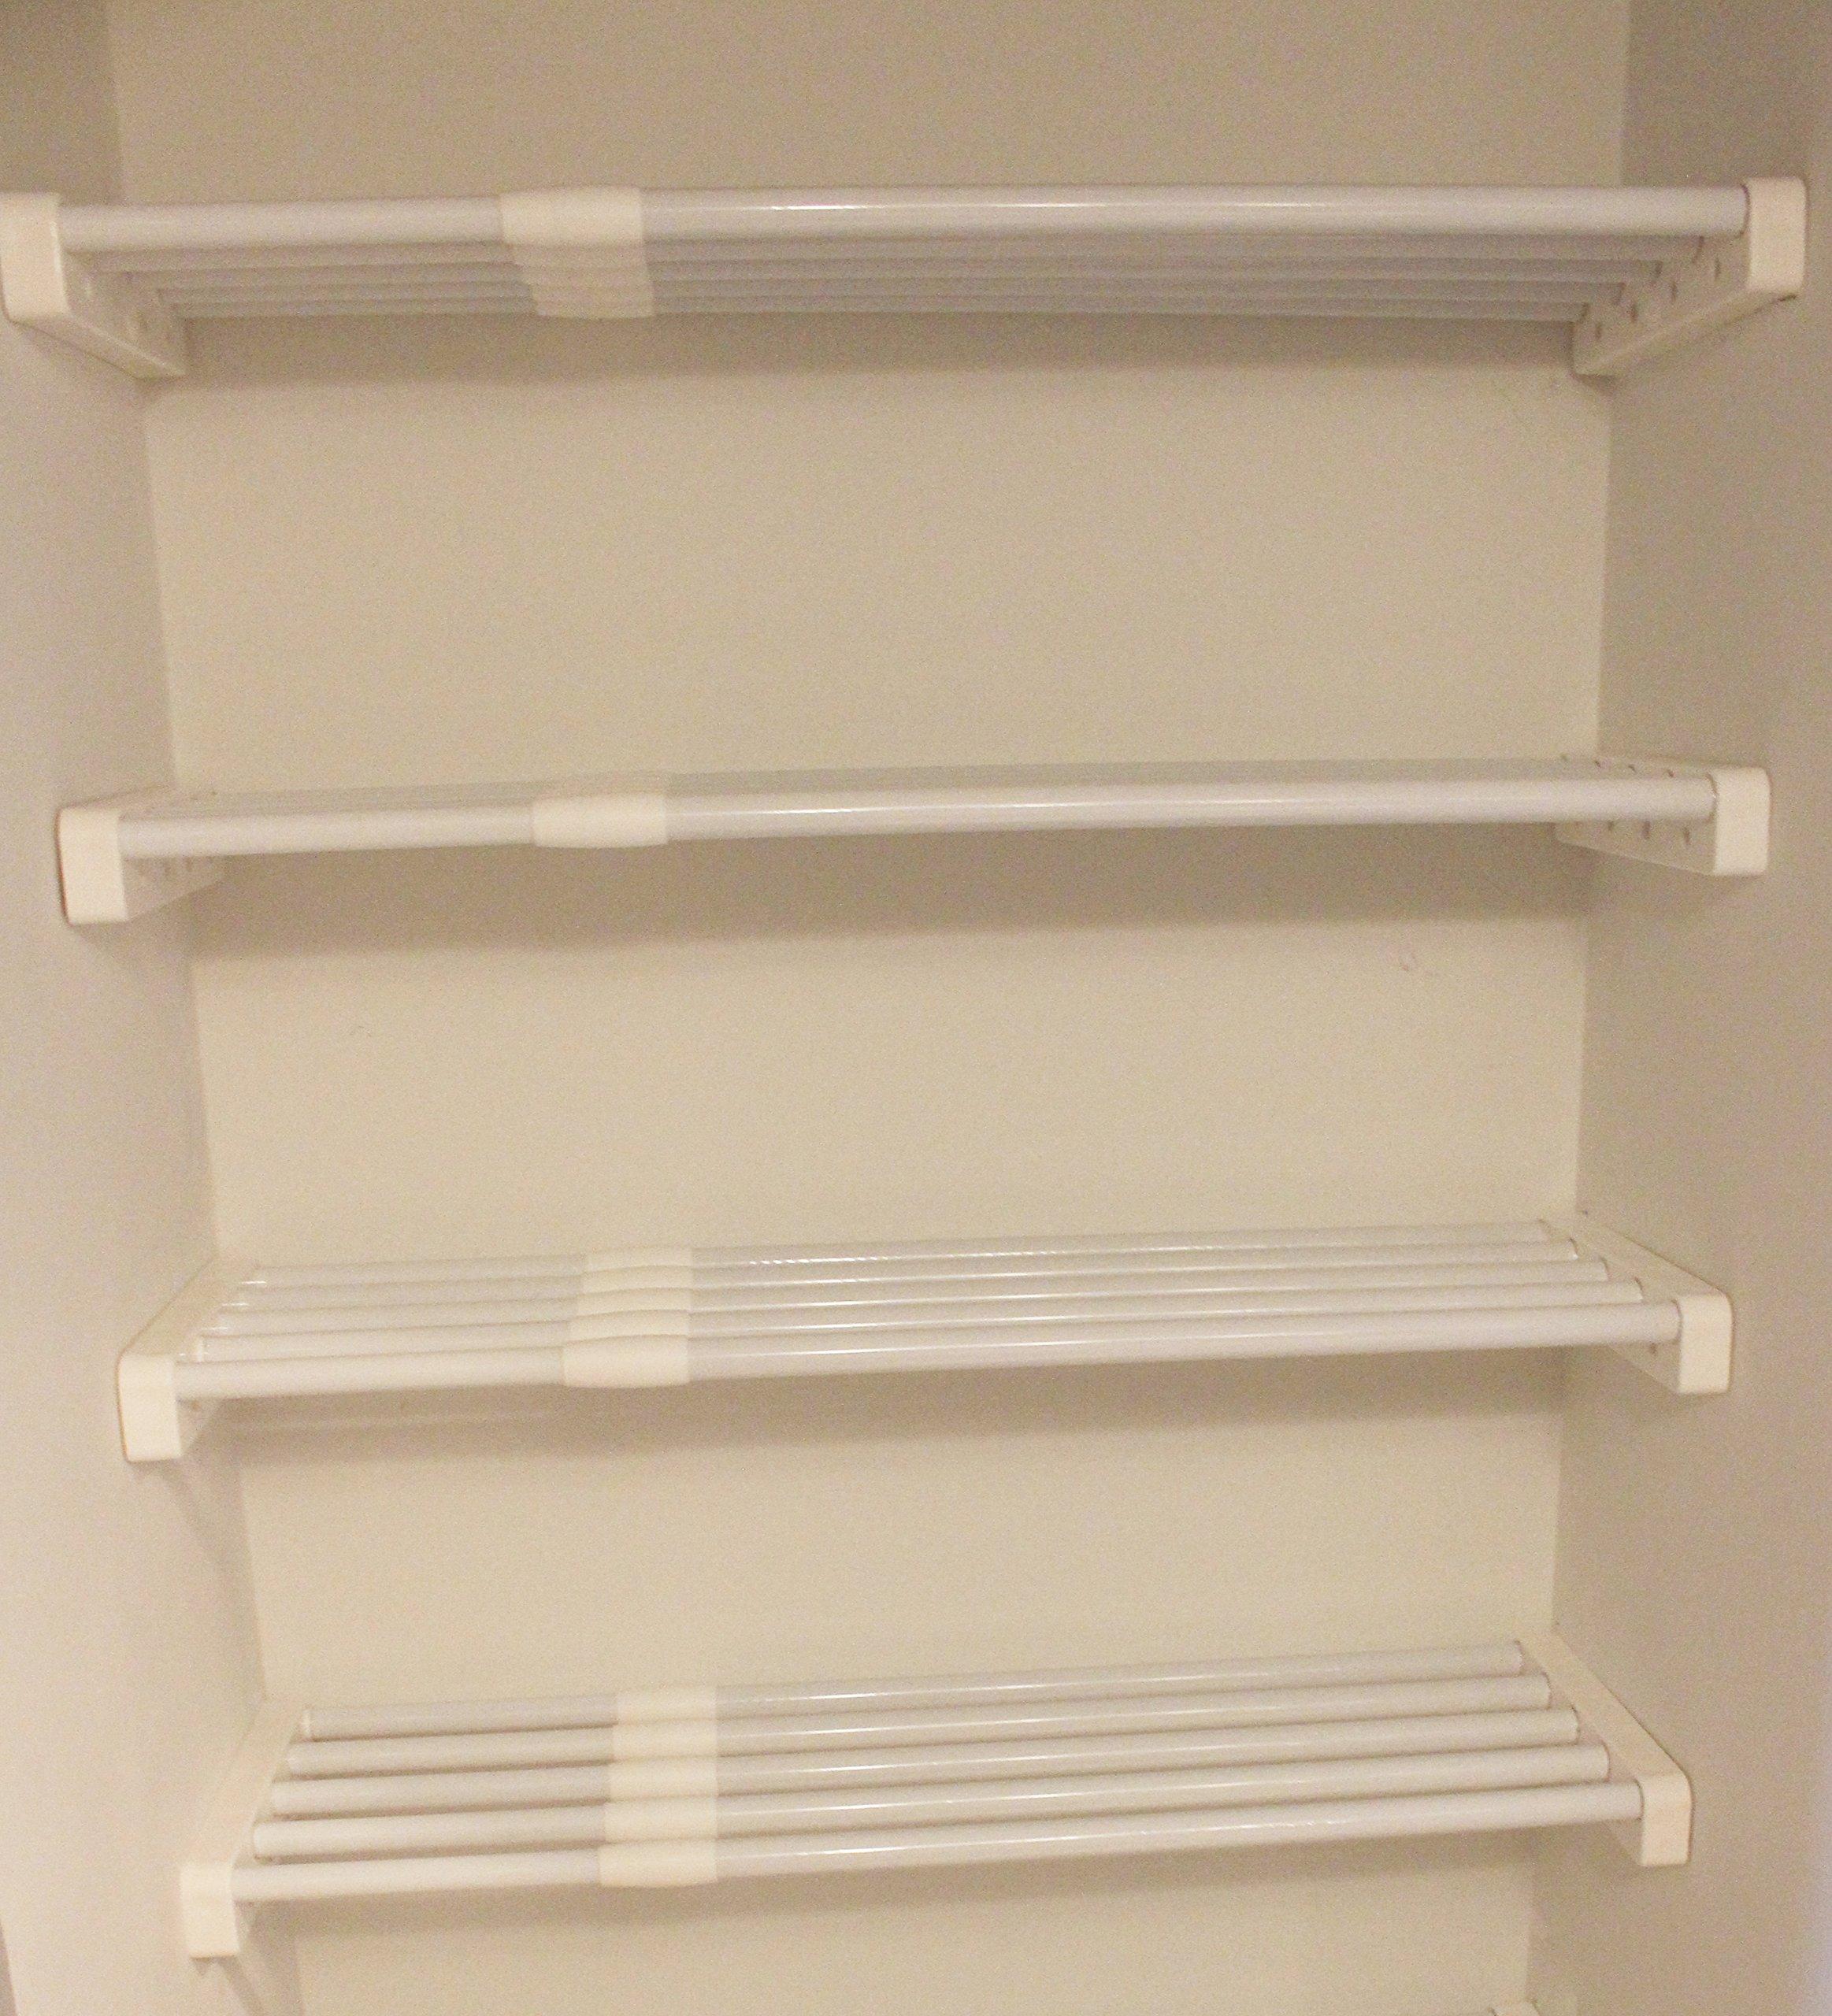 EZ Shelf - Expandable Linen Closet Kit - Four 17''-27'' Expandable Shelves - White